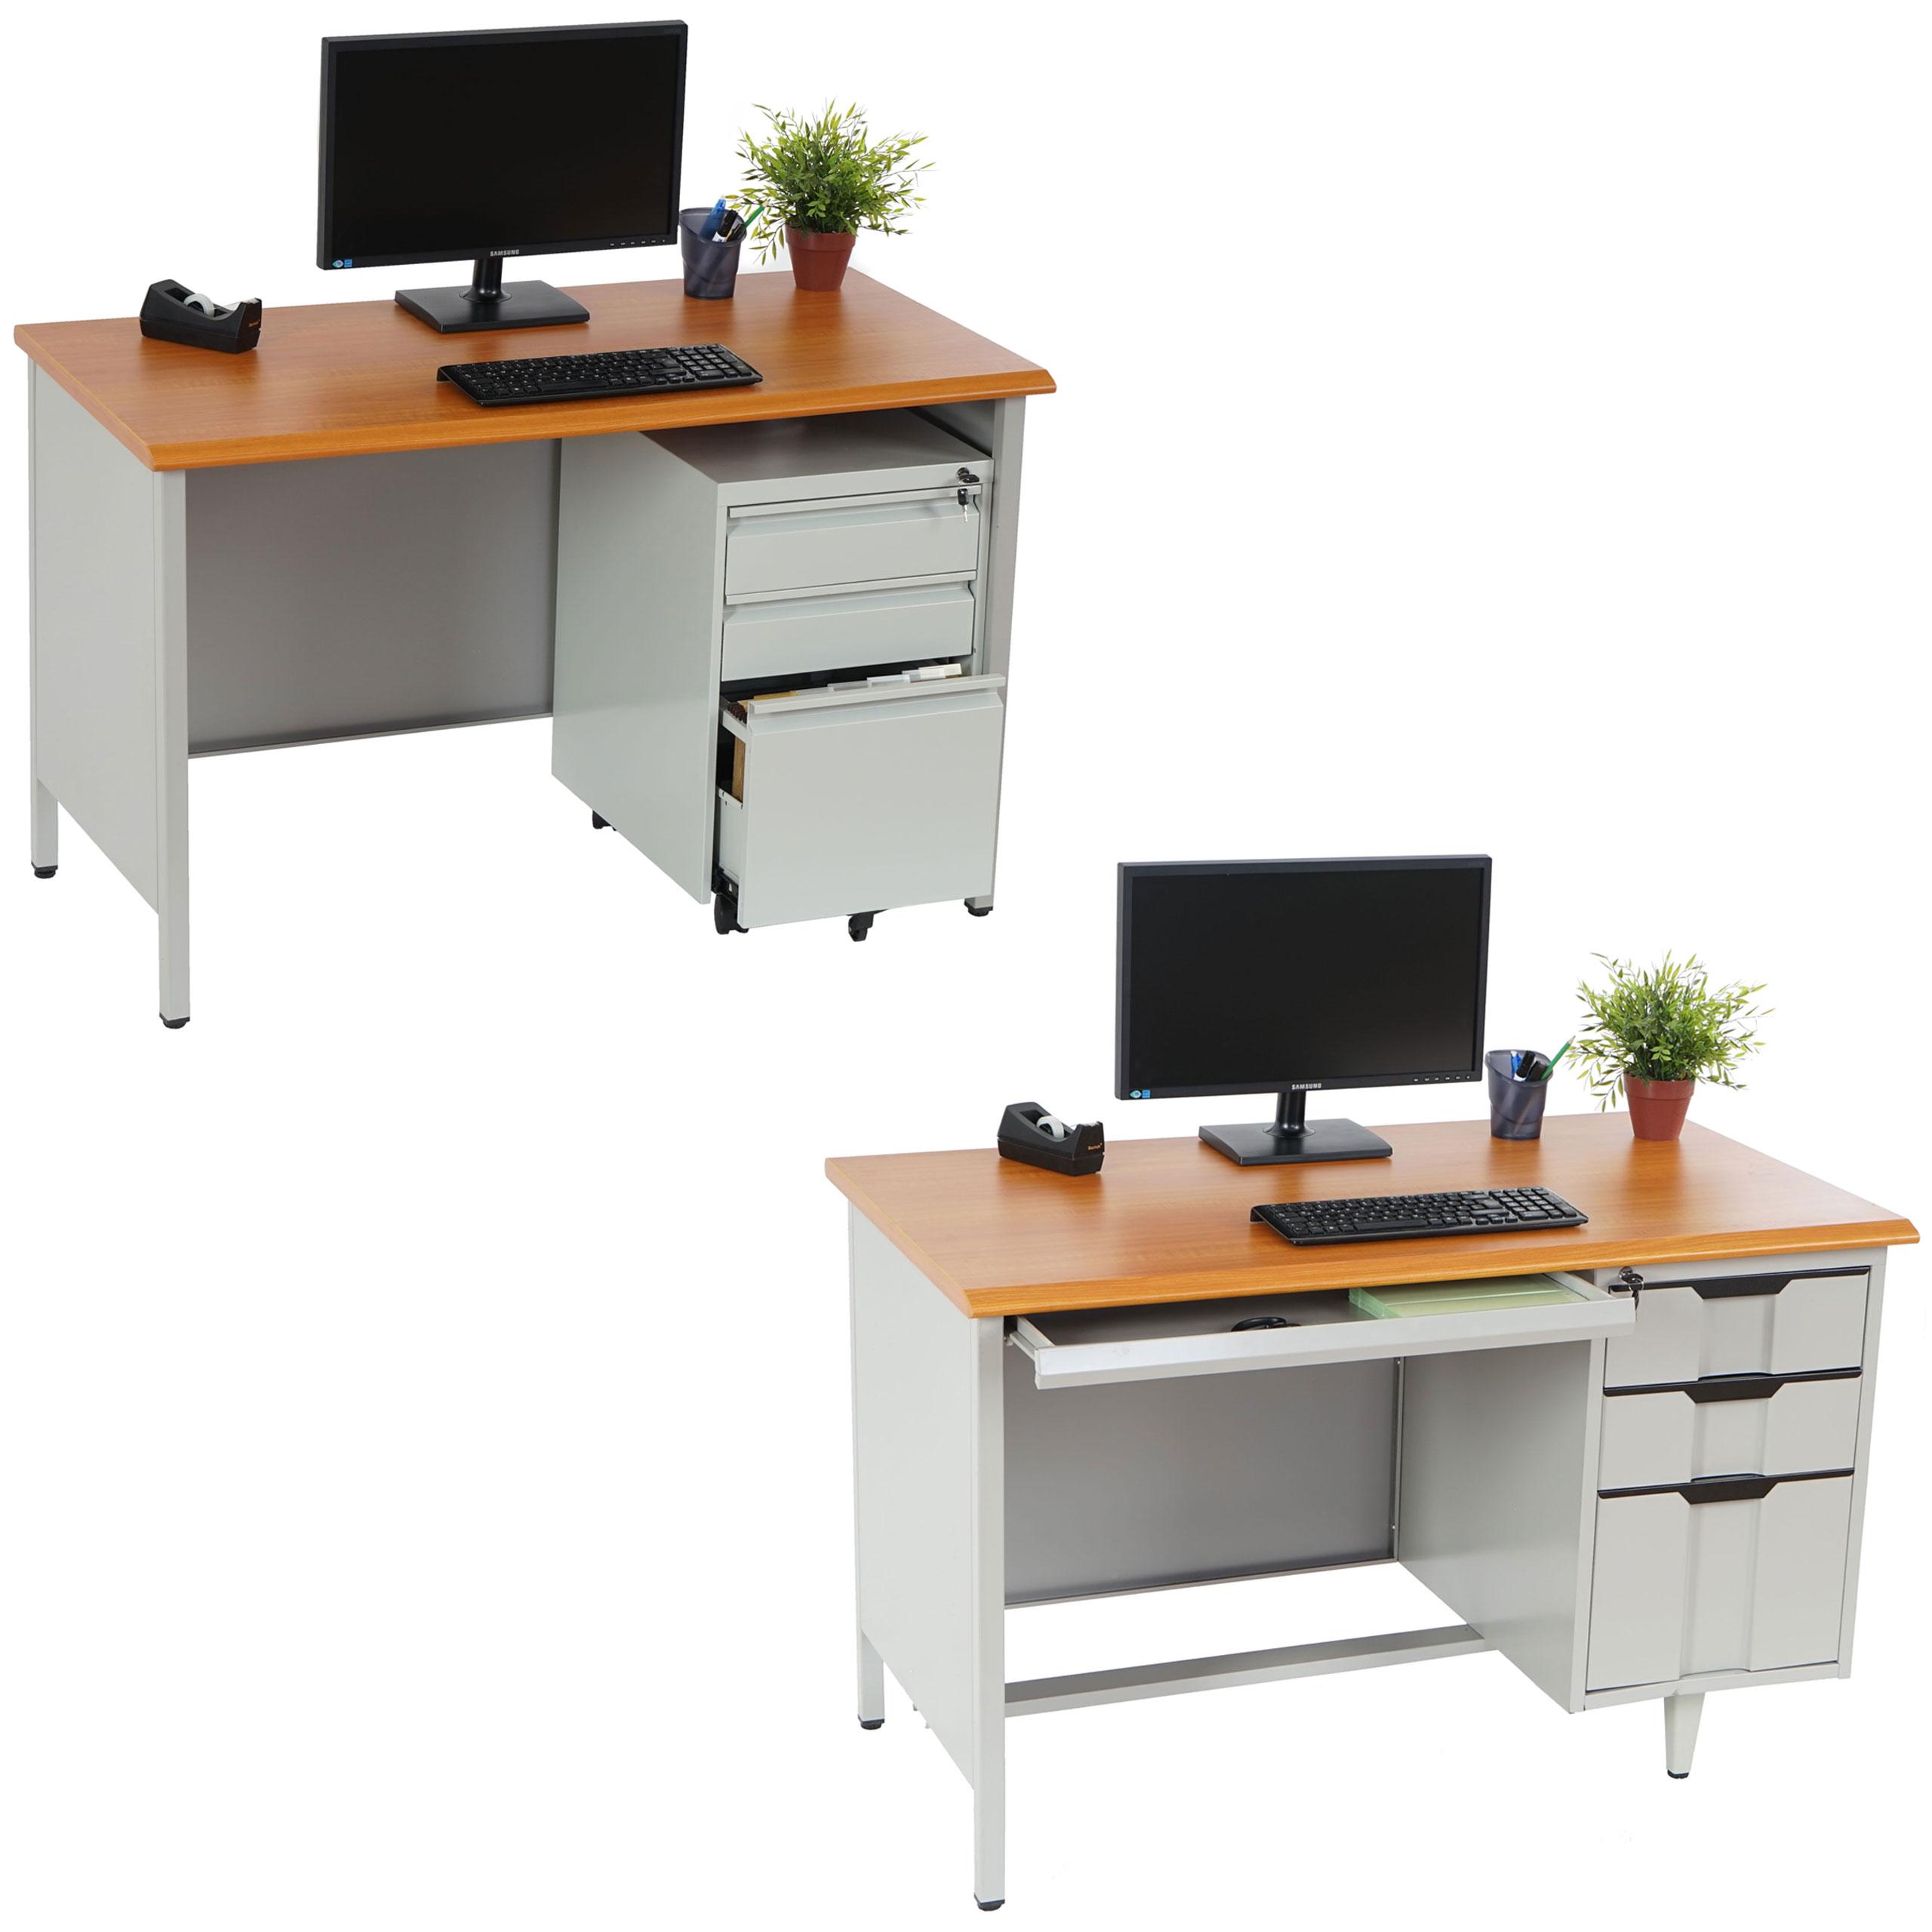 metall schreibtisch boston computertisch arbeitstisch ebay. Black Bedroom Furniture Sets. Home Design Ideas